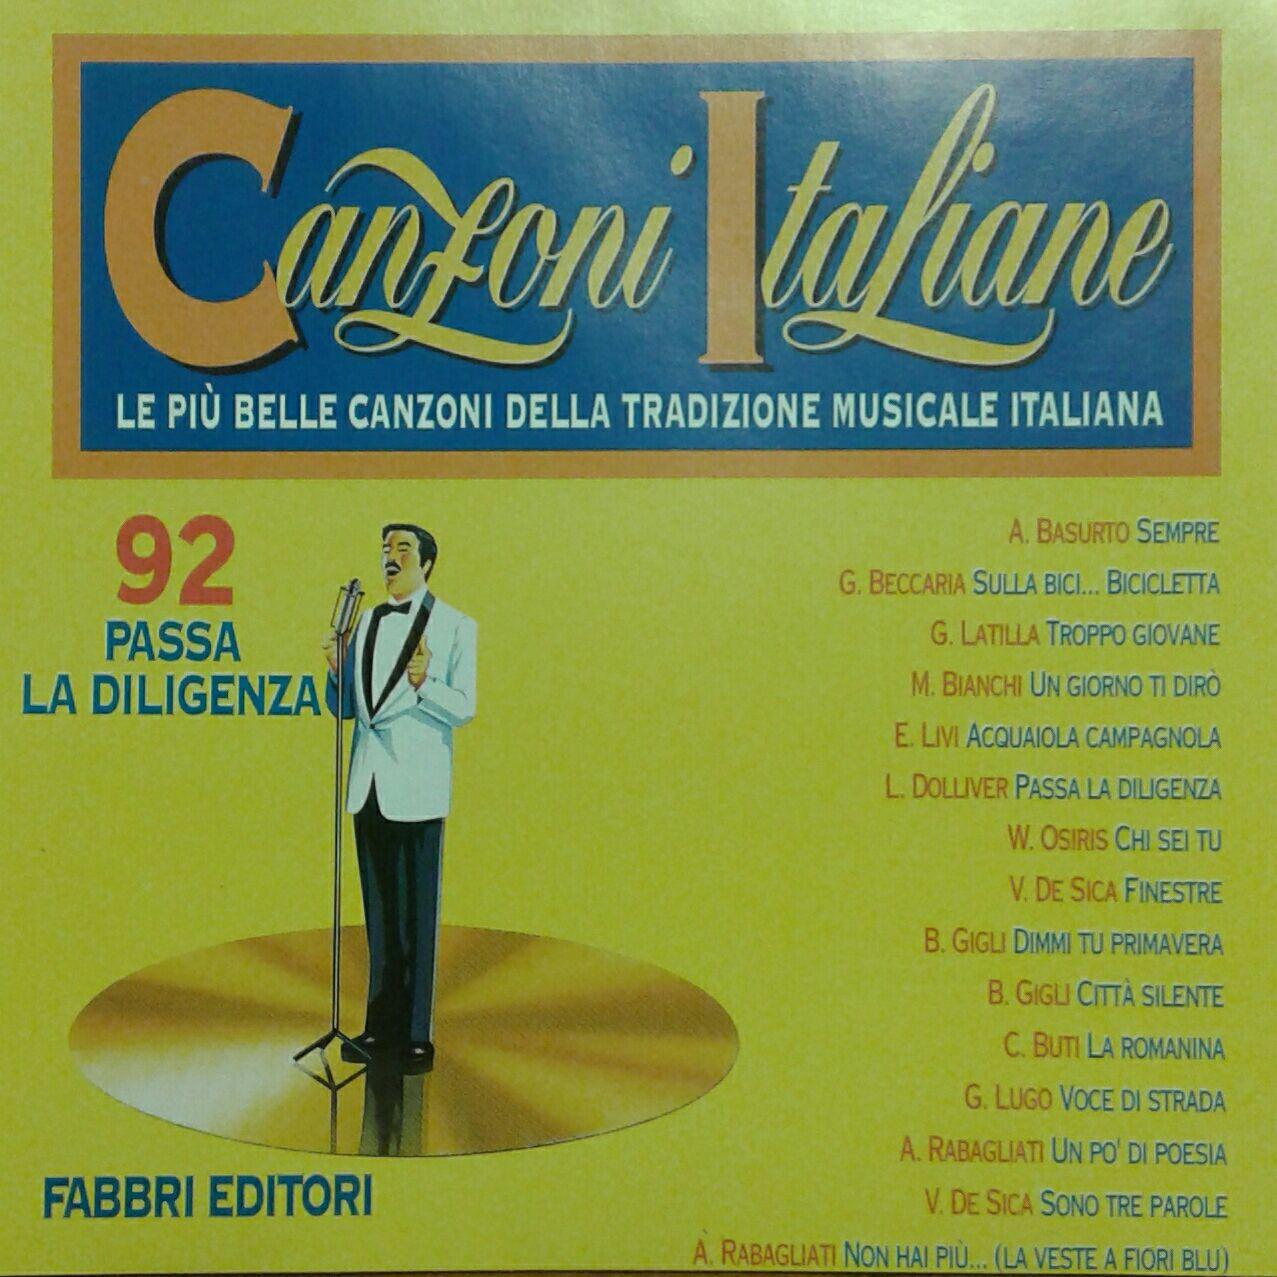 Canzoni Italiane - PASSA LA DILIGENZA [1994] - CD cover